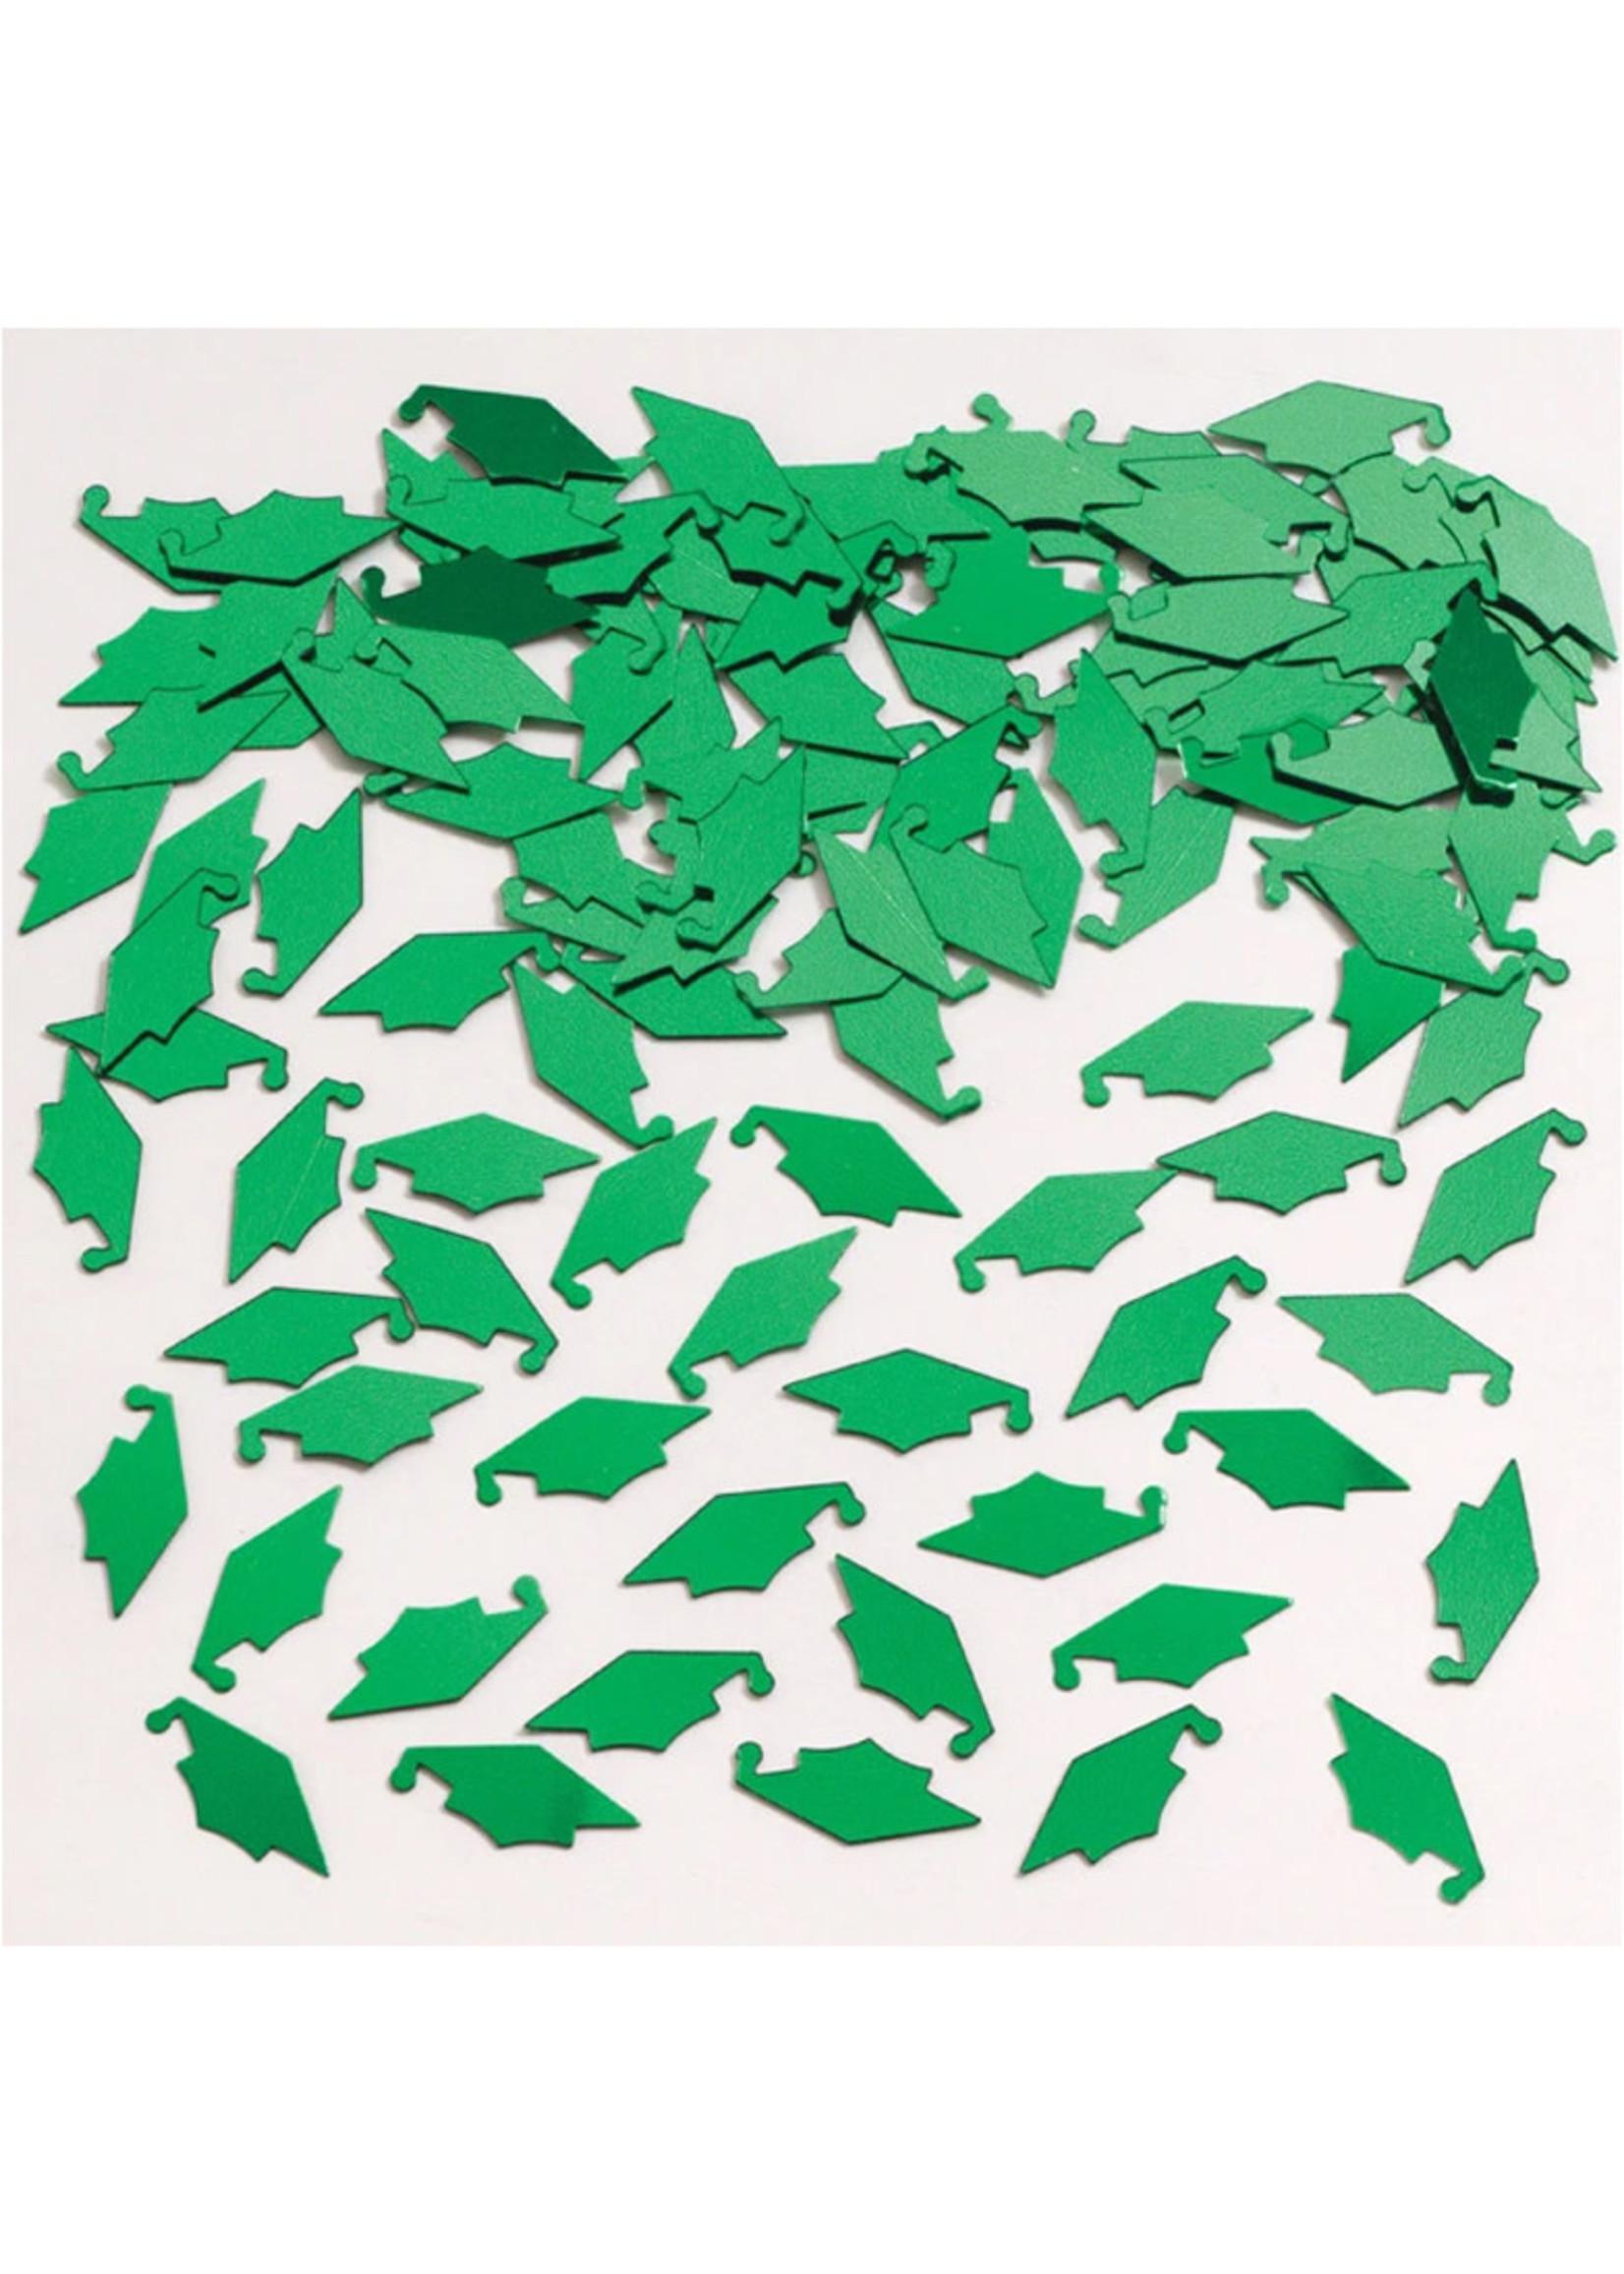 Creative Converting Green Mortarboard Graduation Confetti - 0.5 oz